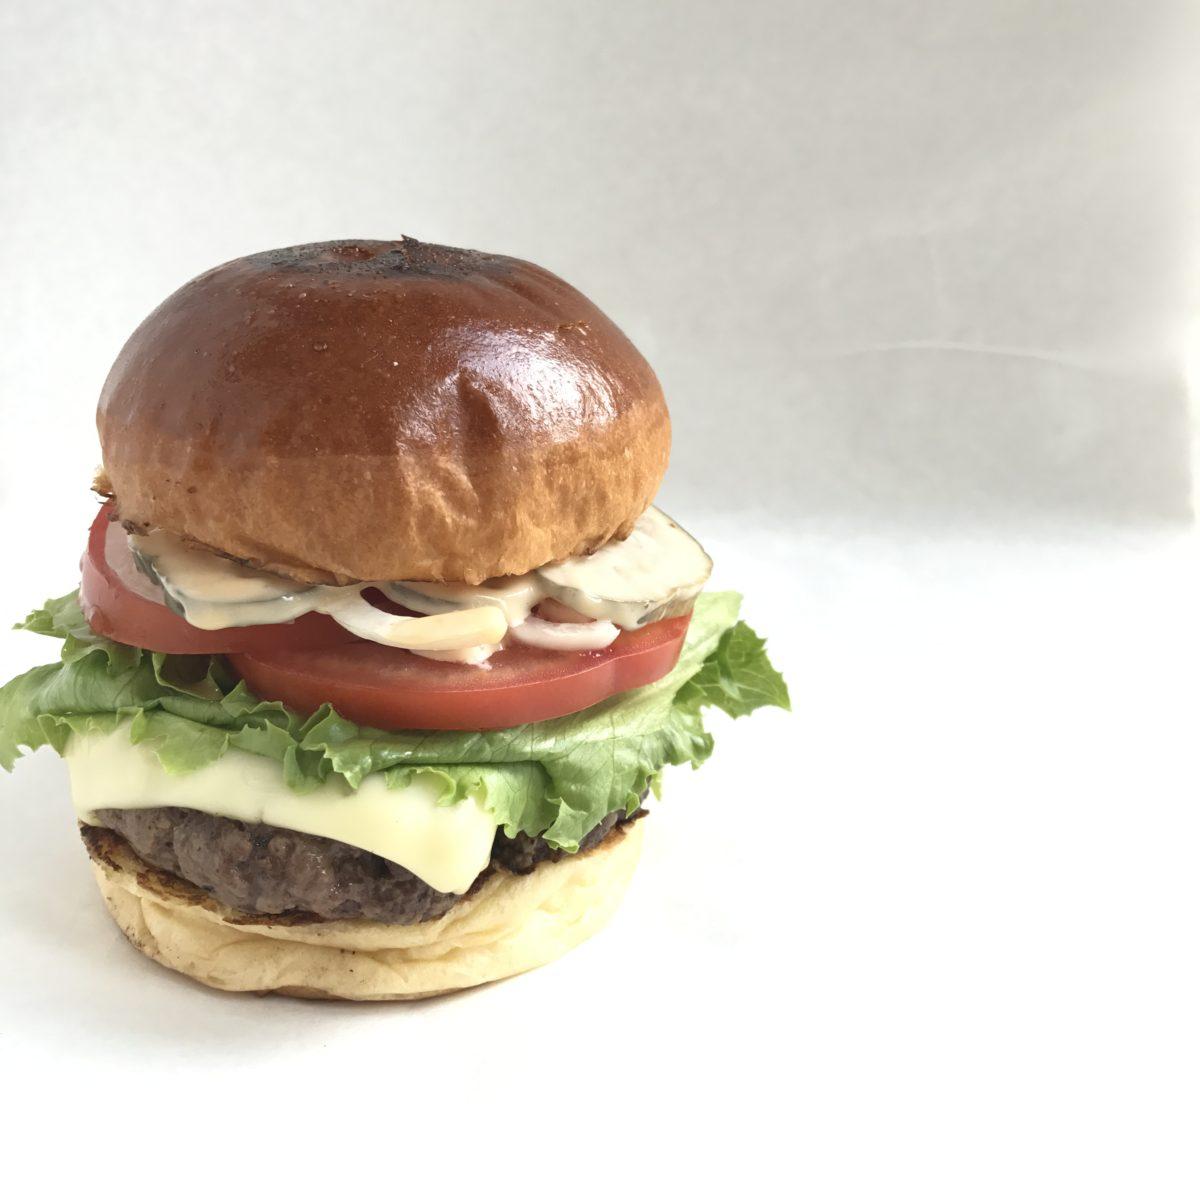 夏休み2017~アメリカ旅行!~ニューヨークpart7~SHAKE SHACK風ハンバーガーの作り方